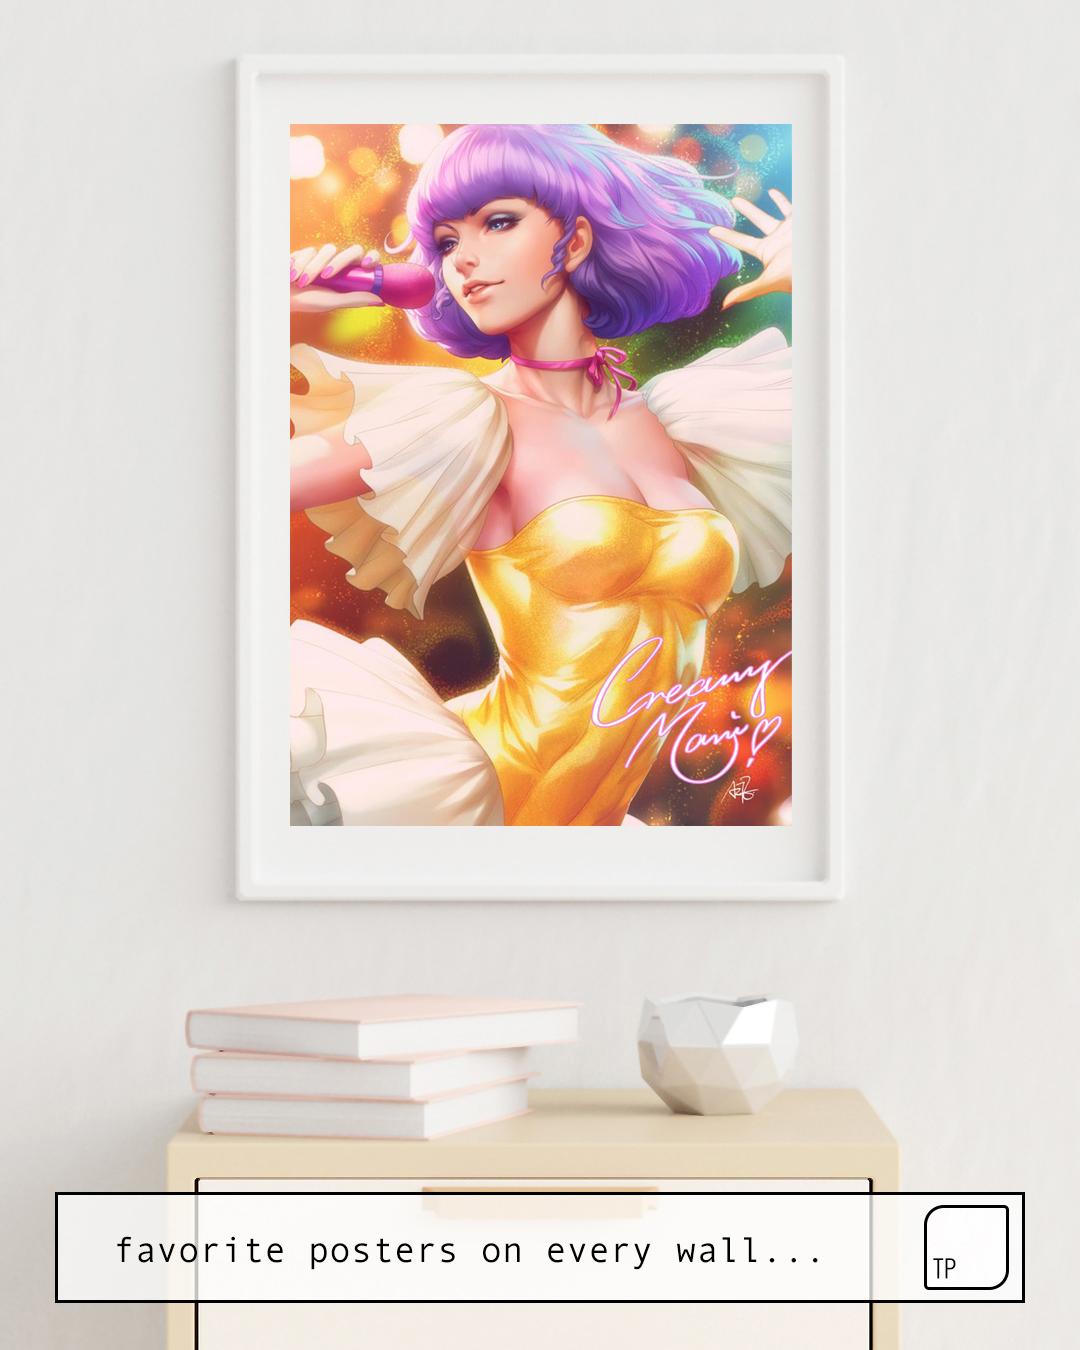 La photo montre un exemple d'ameublement avec le motif CREAMY MAMI FOREVER par Stanley Artgerm Lau comme peinture murale